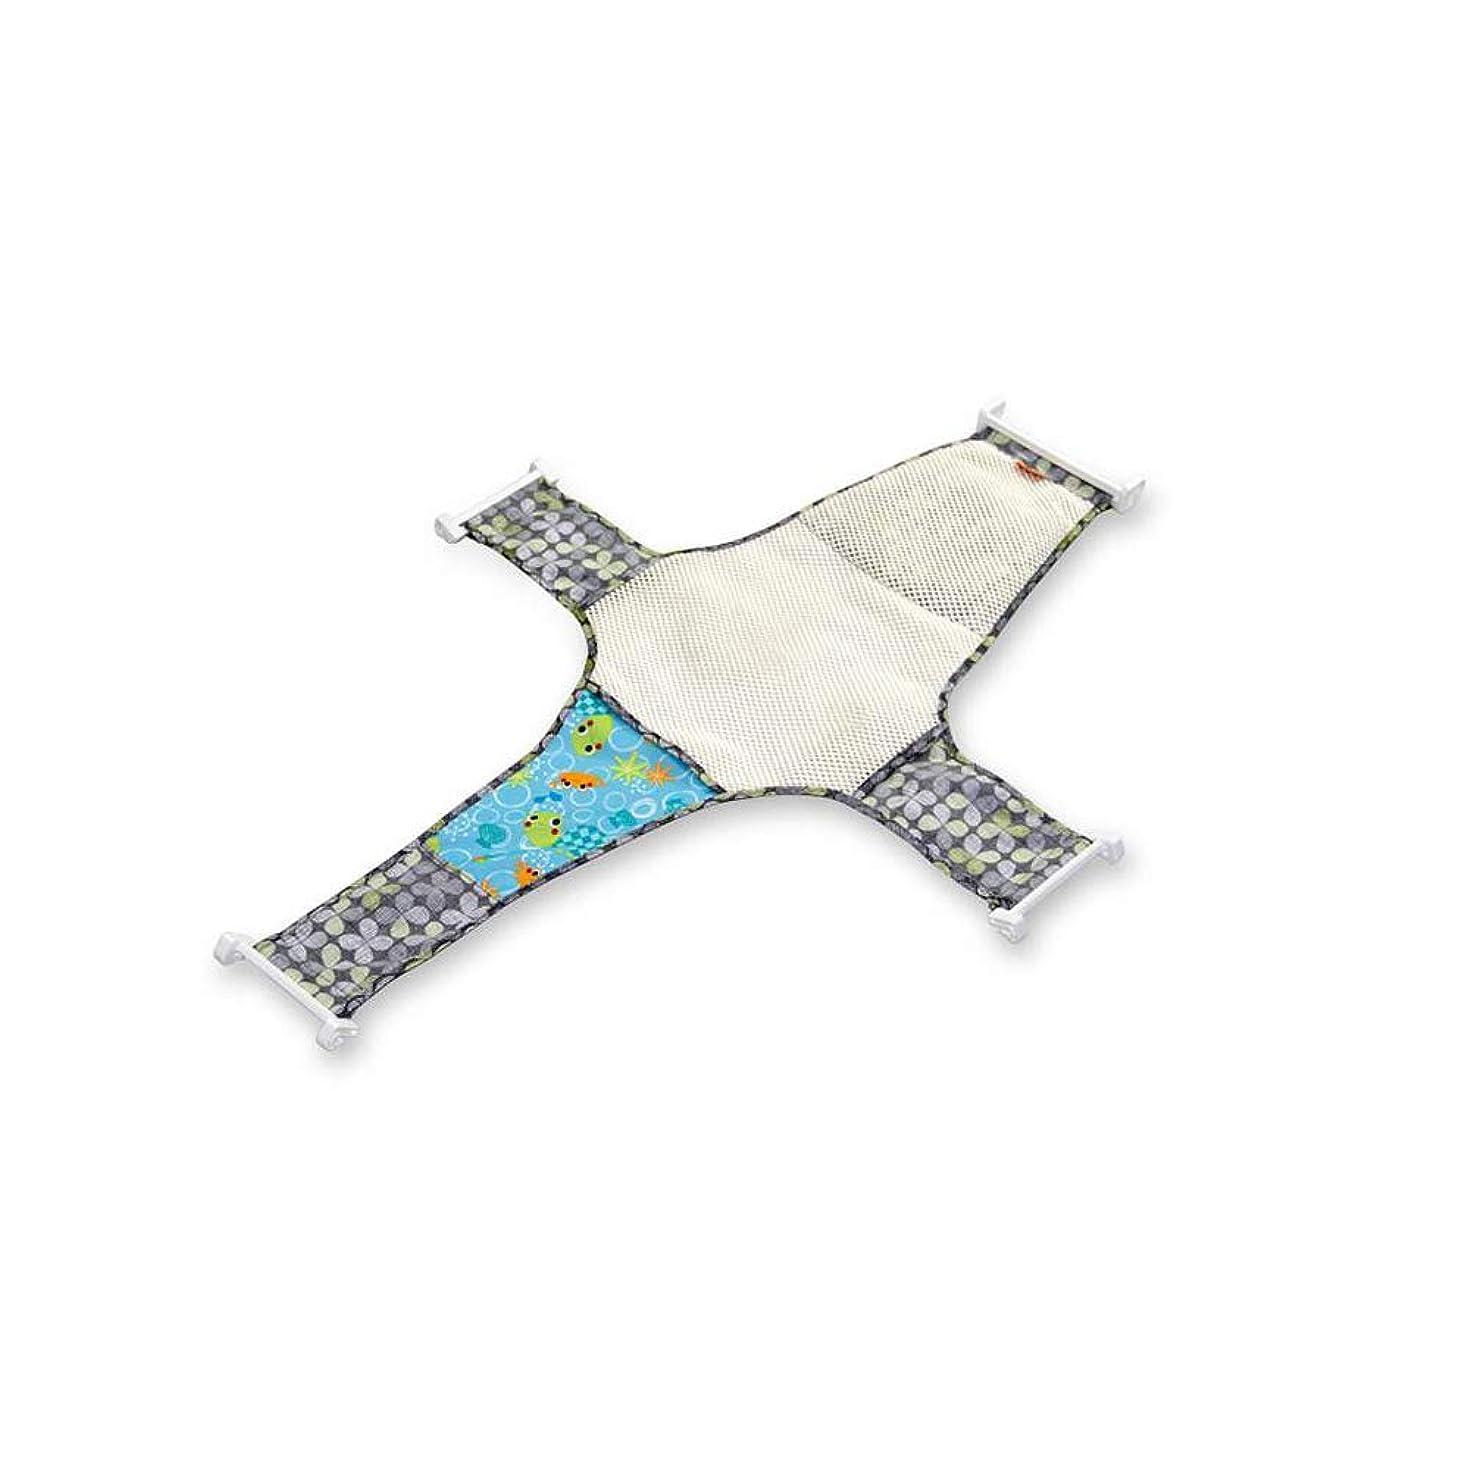 メッセージ読むサンプルOnior調整可能 十字メッシュ パターン バスタブ 座席 スタンドネット 滑り止め 浴槽網 耐久性